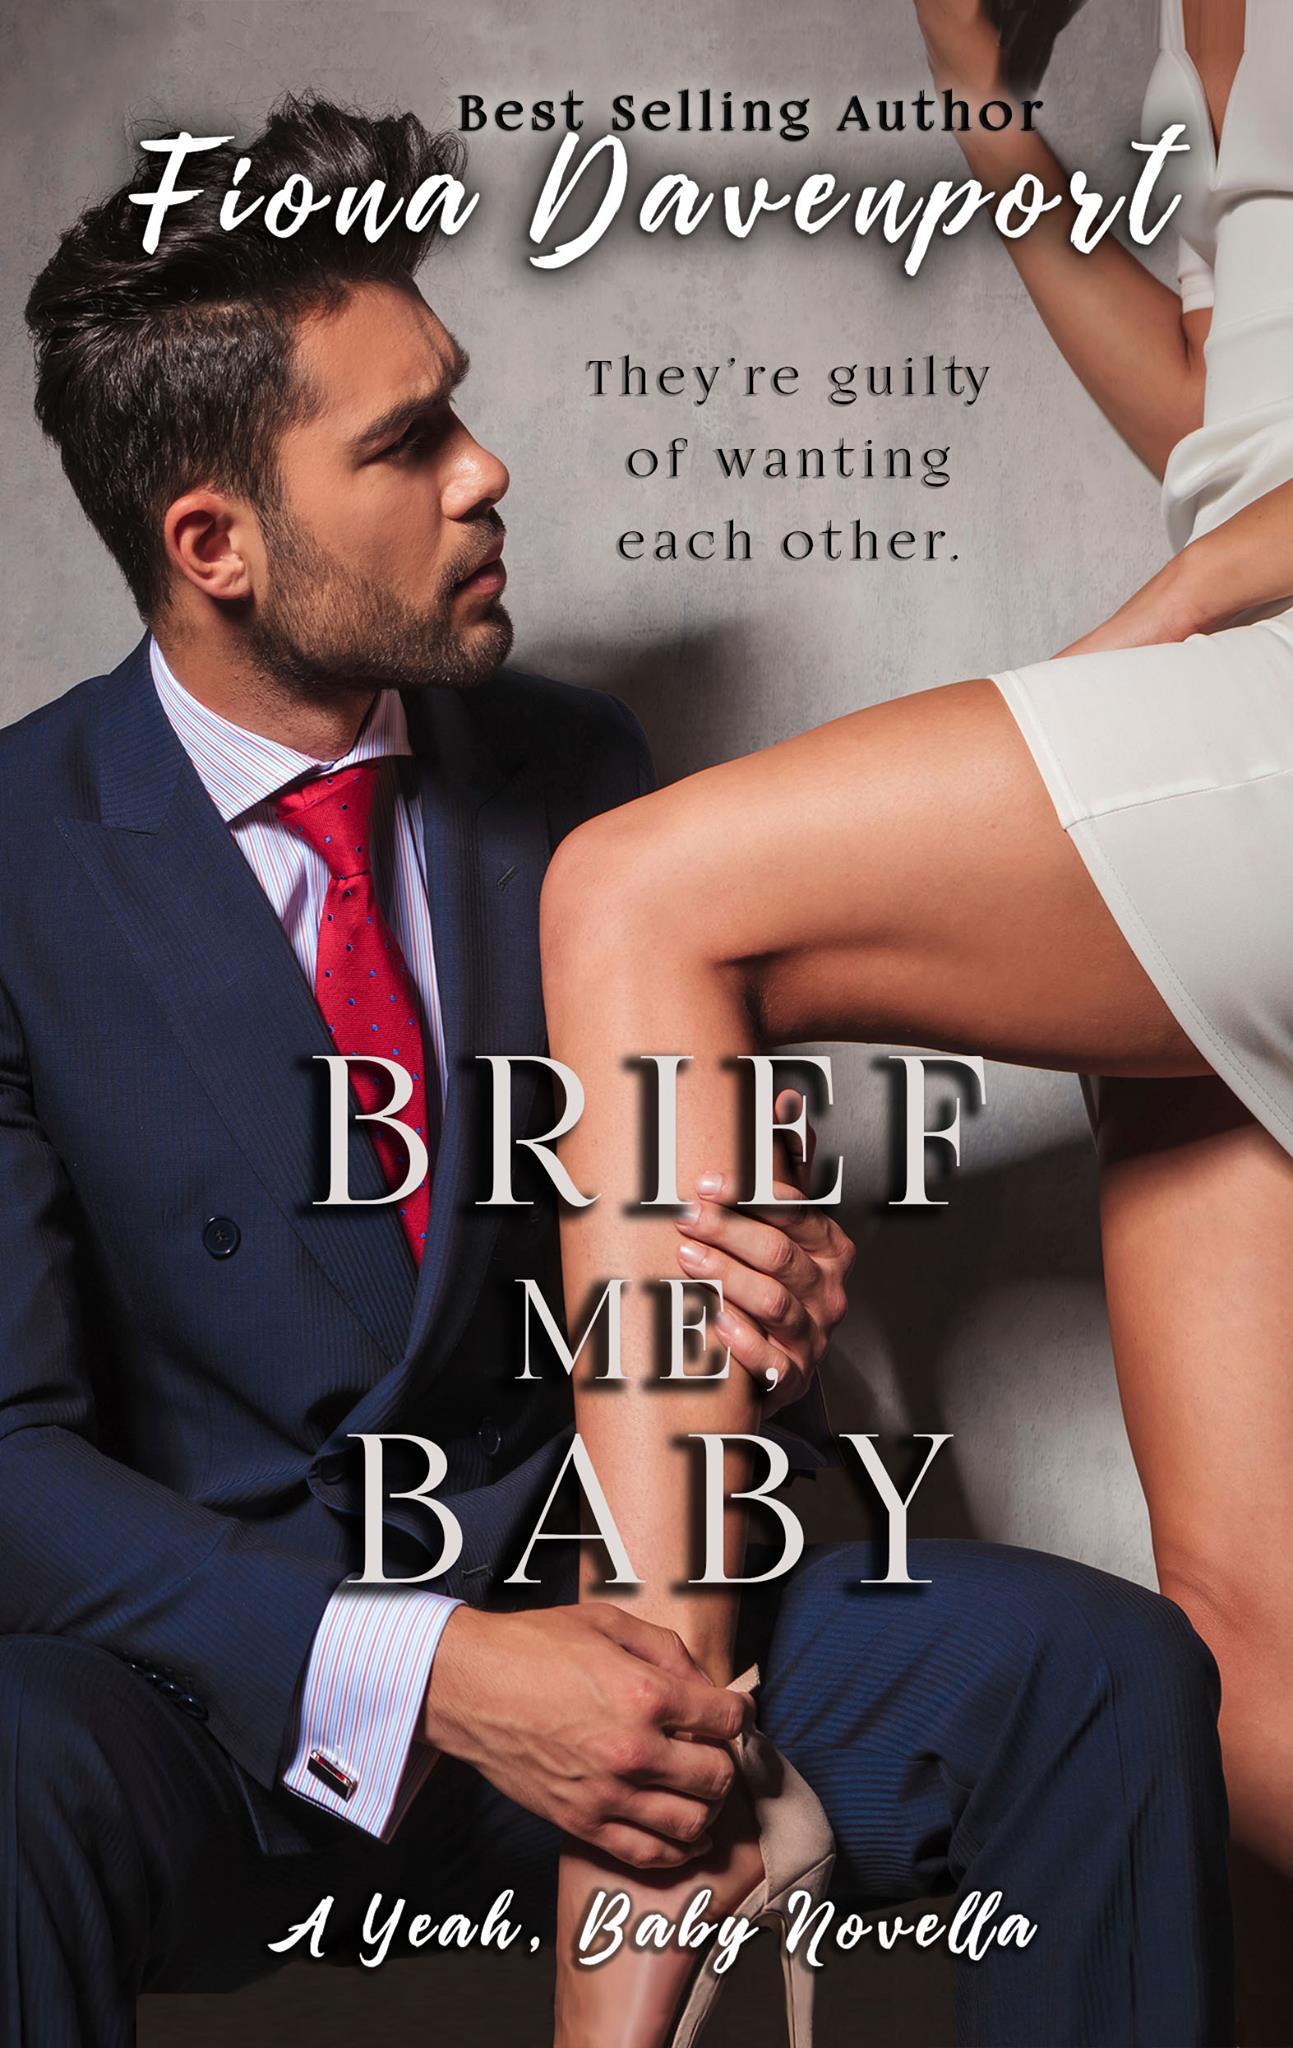 brief-me-baby-ebook-cover